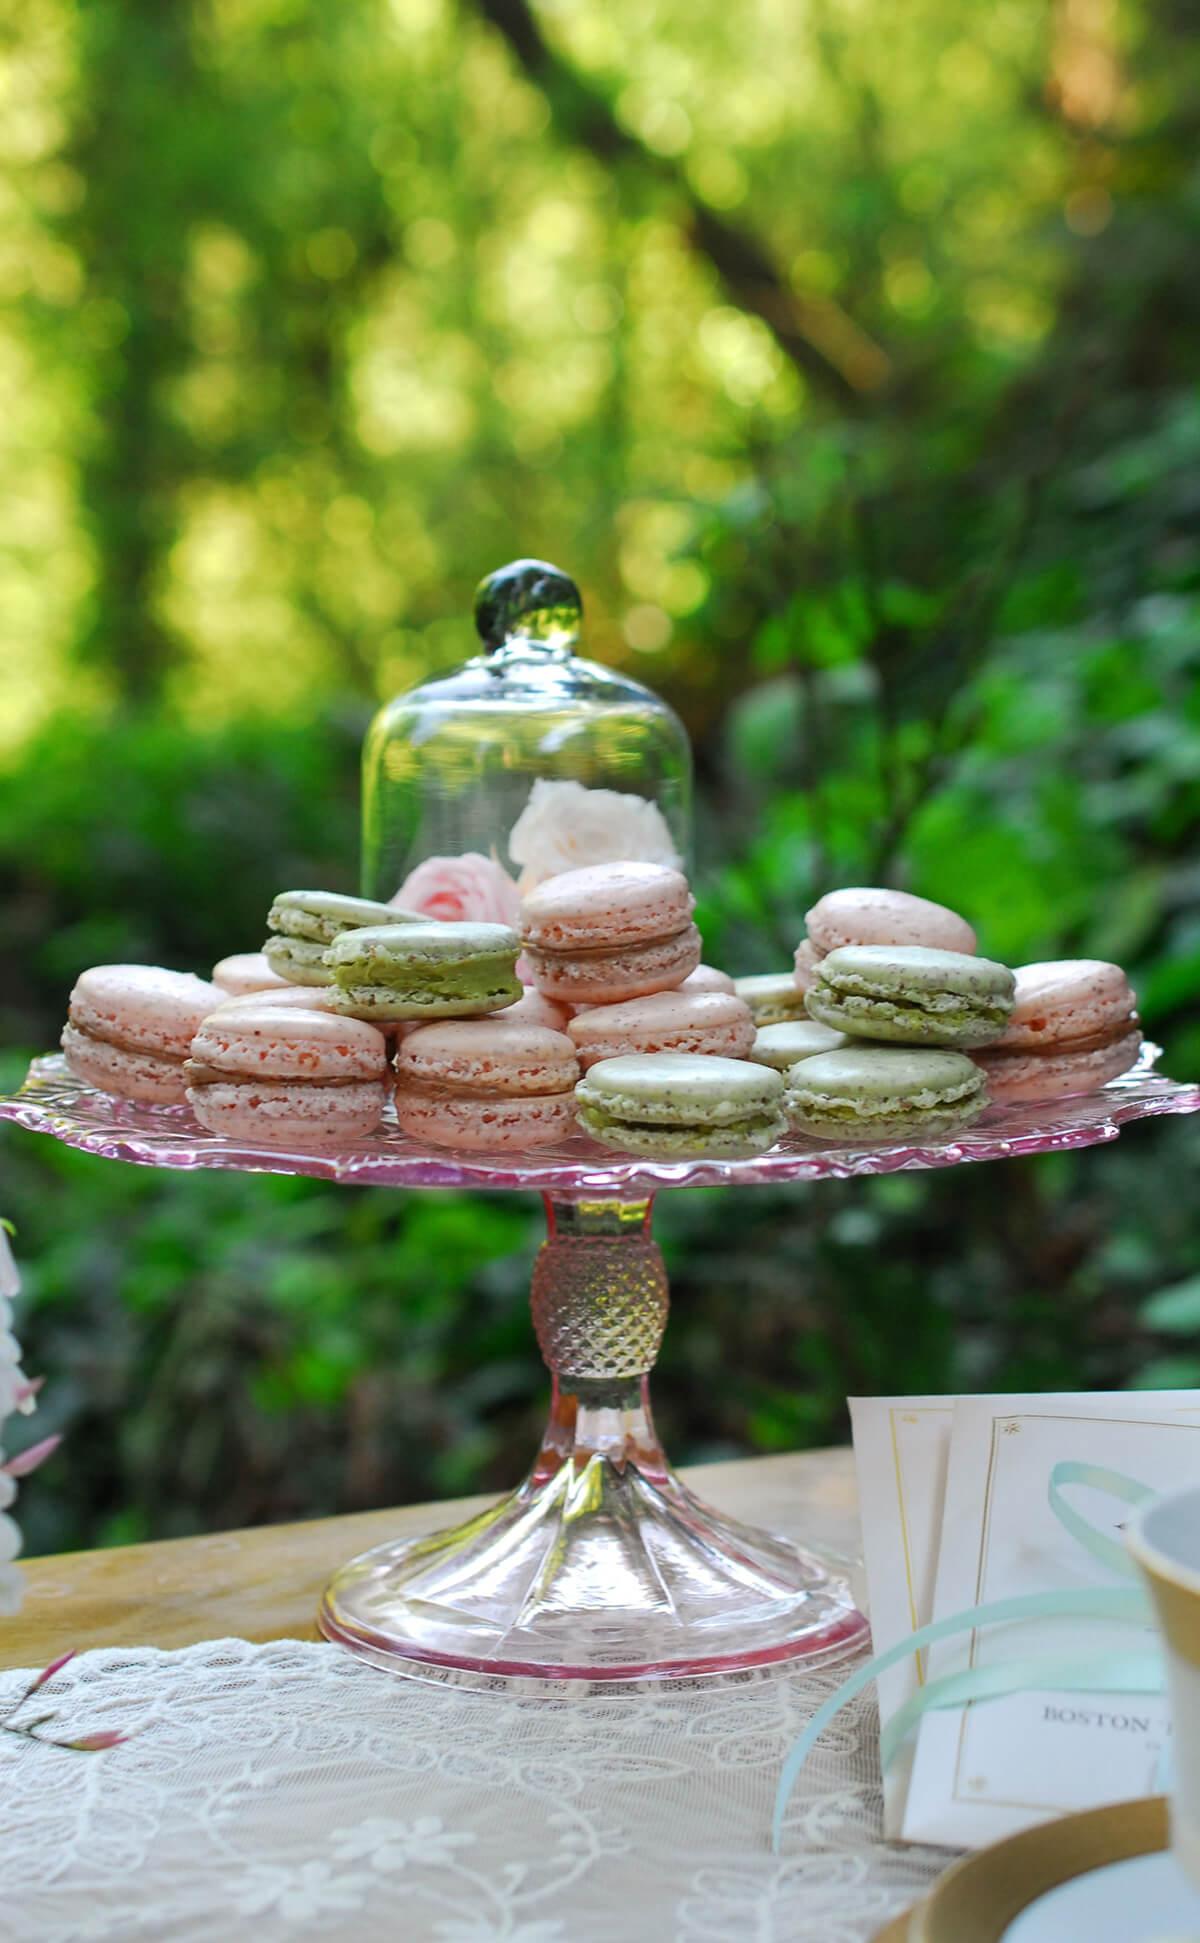 Cake Stands Pedestals & Serving Sets